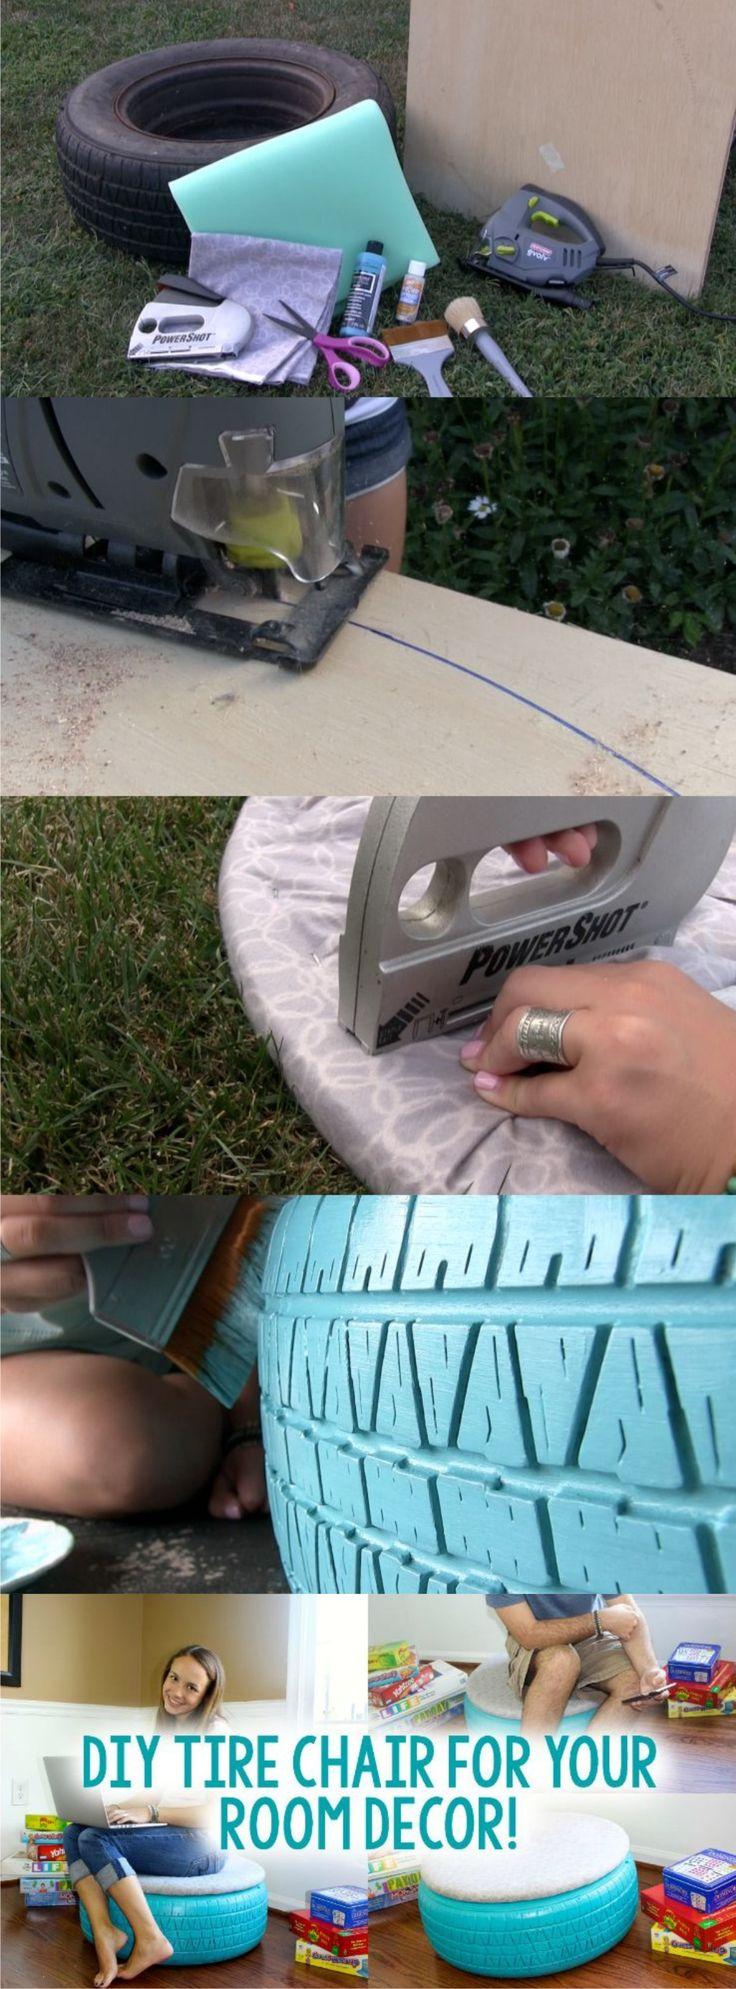 Puf reciclando neumático / Vía http://www.alittlecraftinyourday.com/